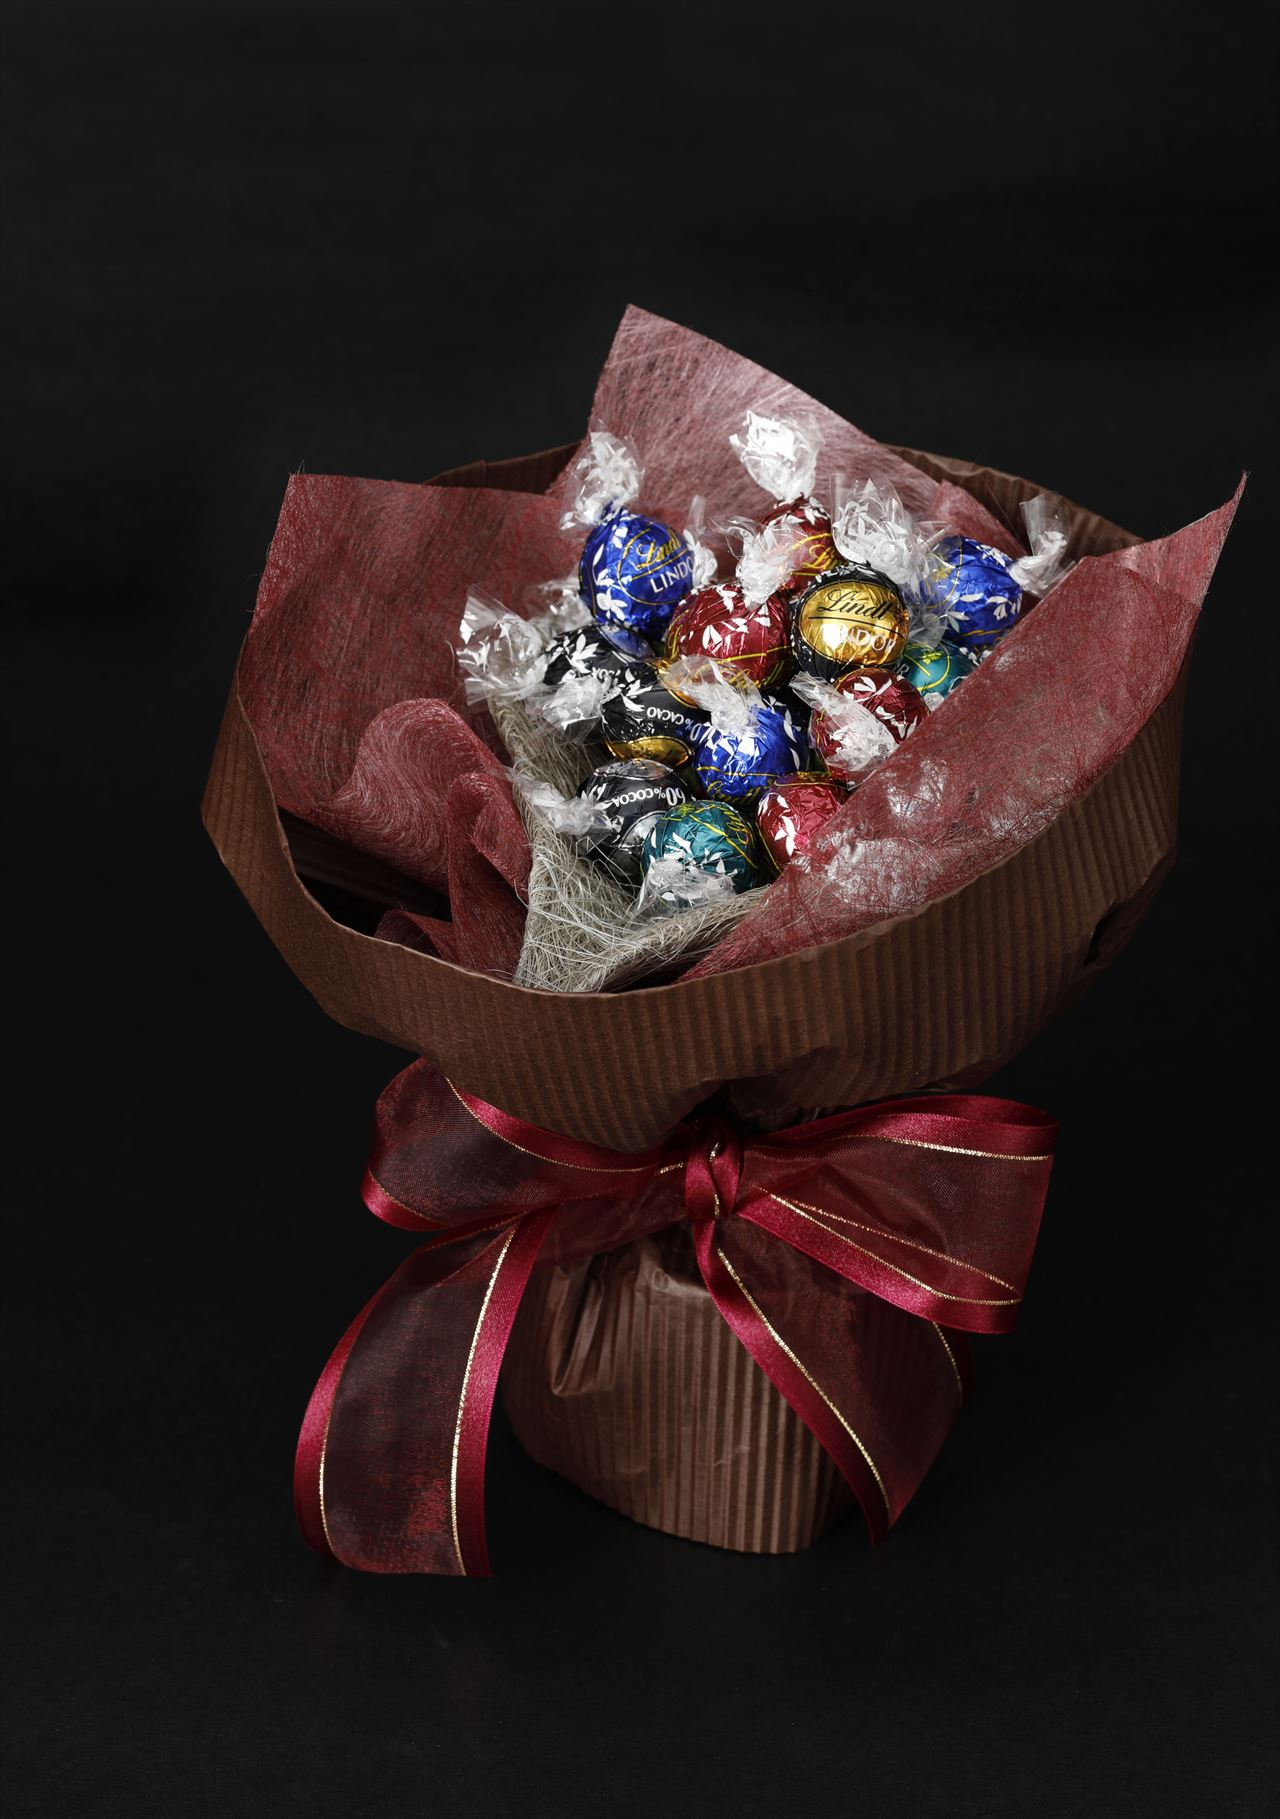 リンドールで作るチョコレートのブーケ(ブラウン)